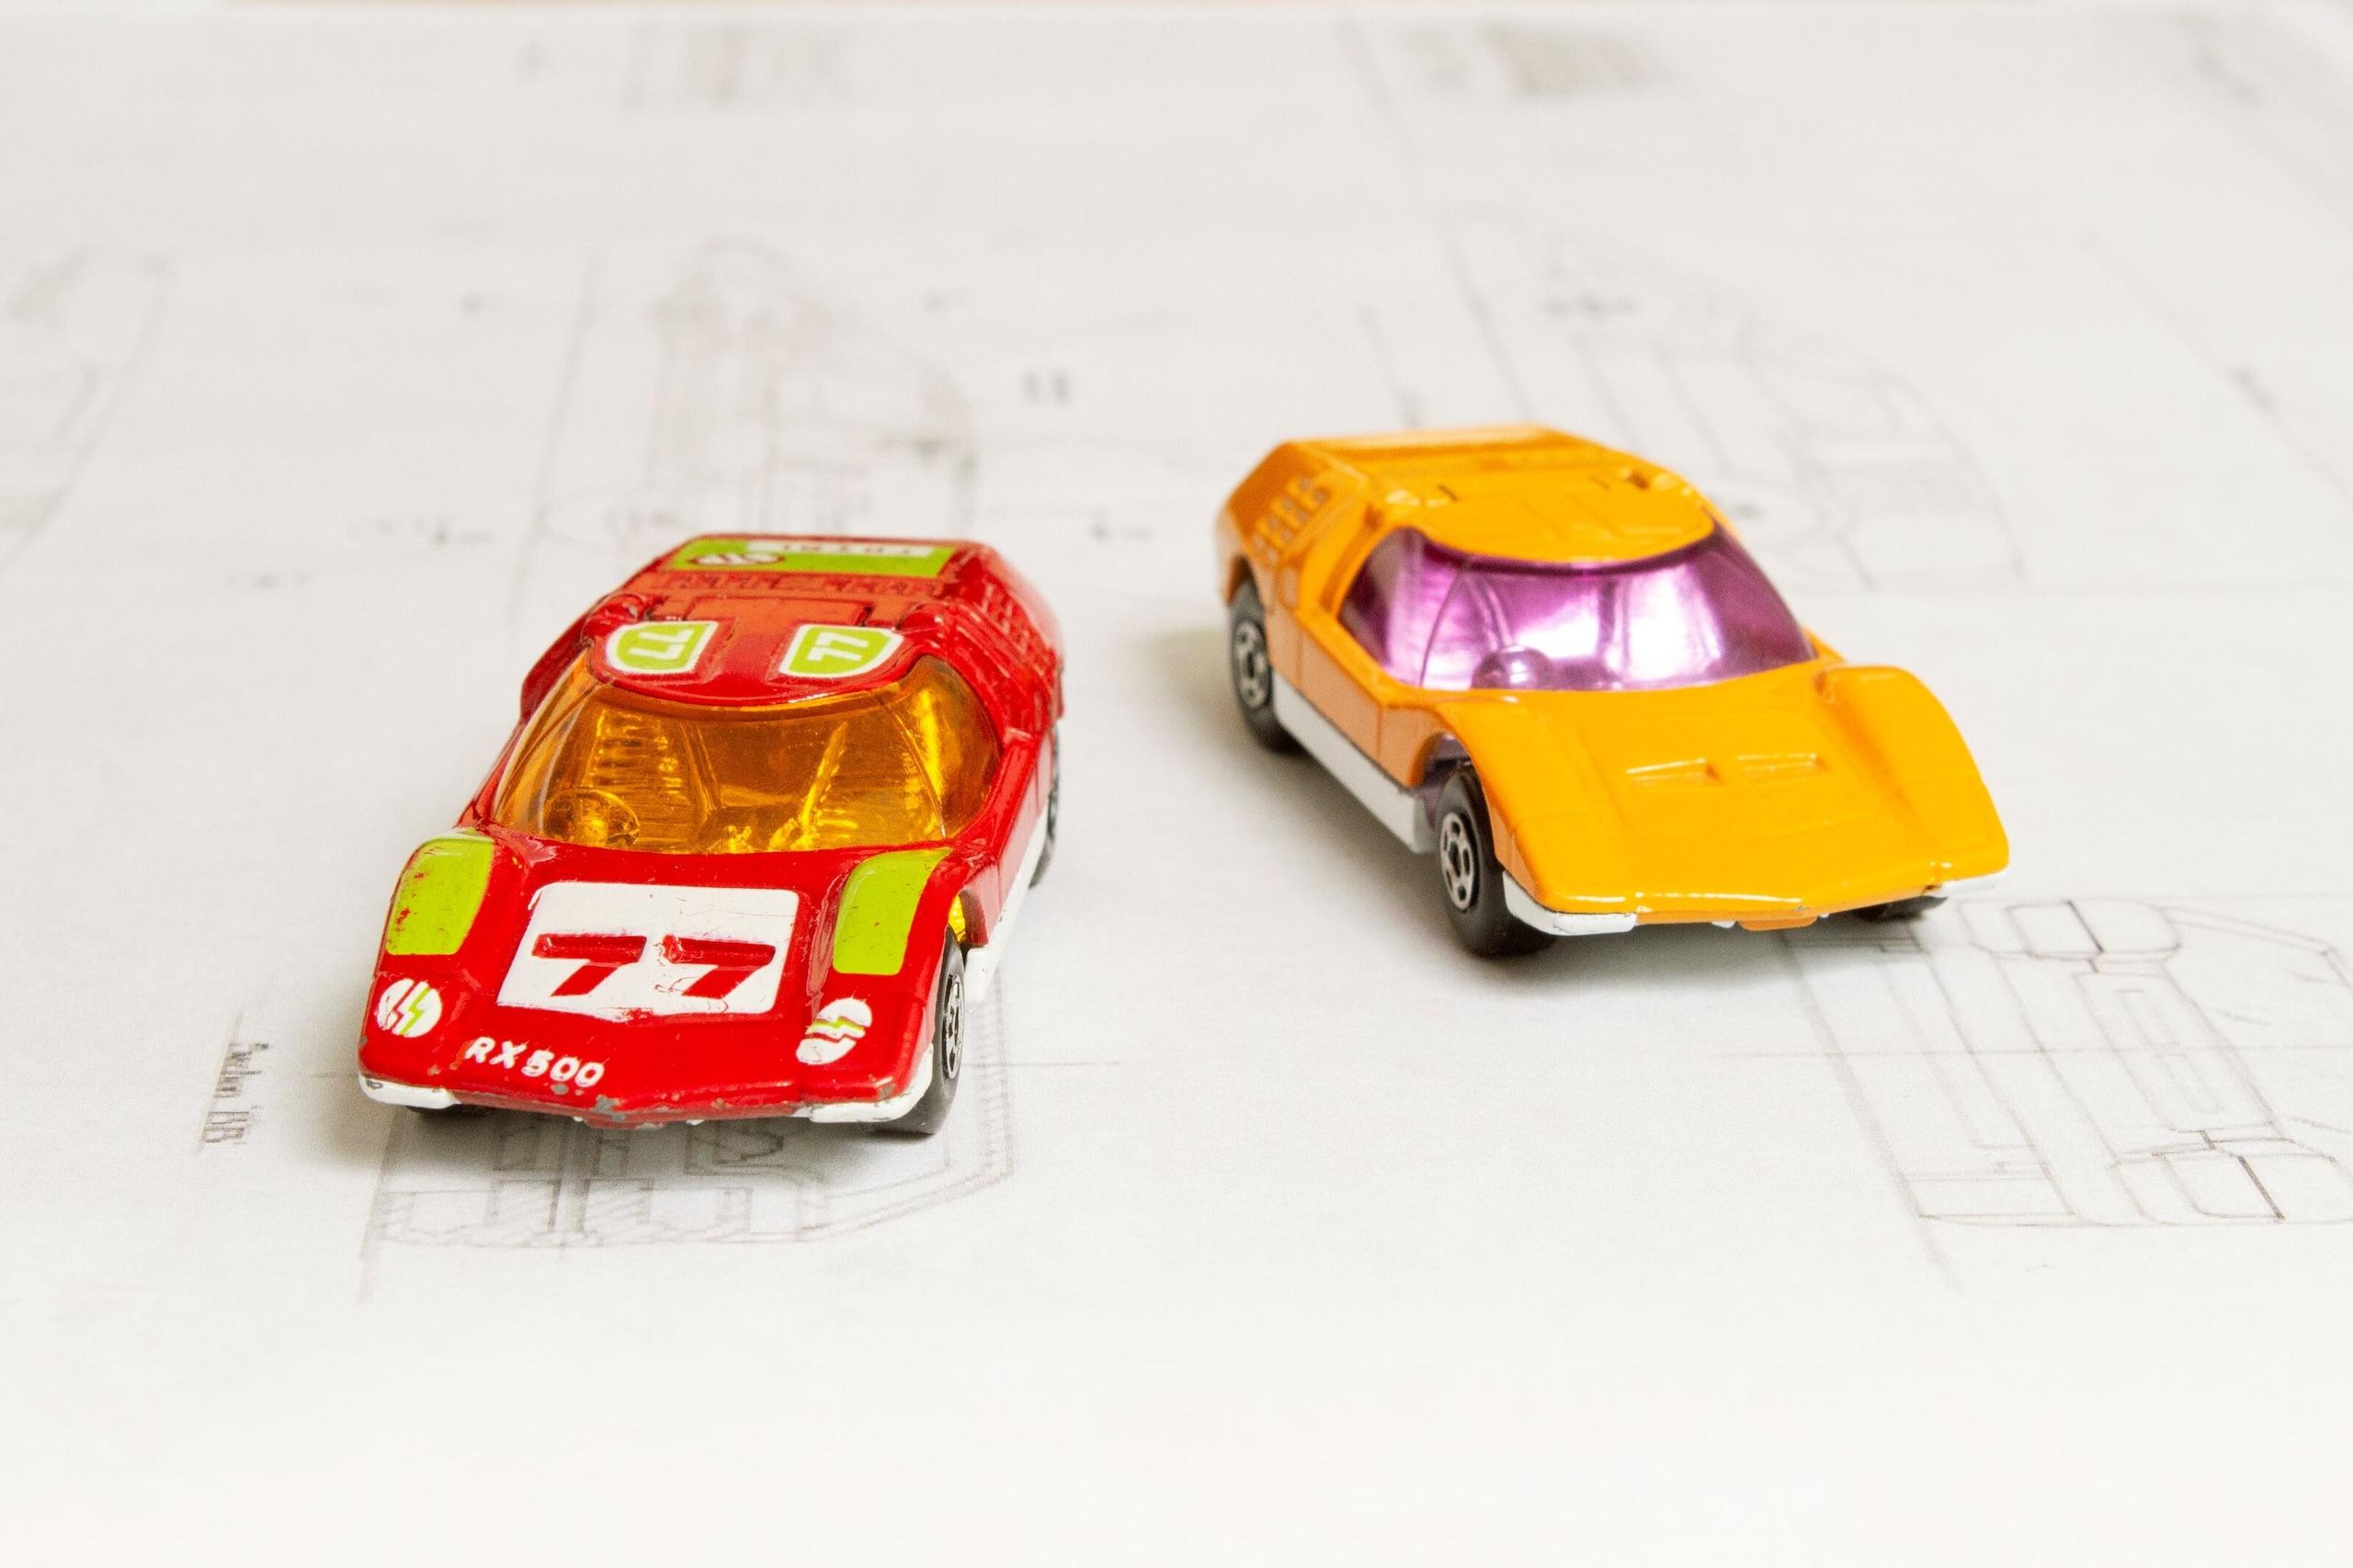 Mazda RX500, il modellino giocattolo Matchbox